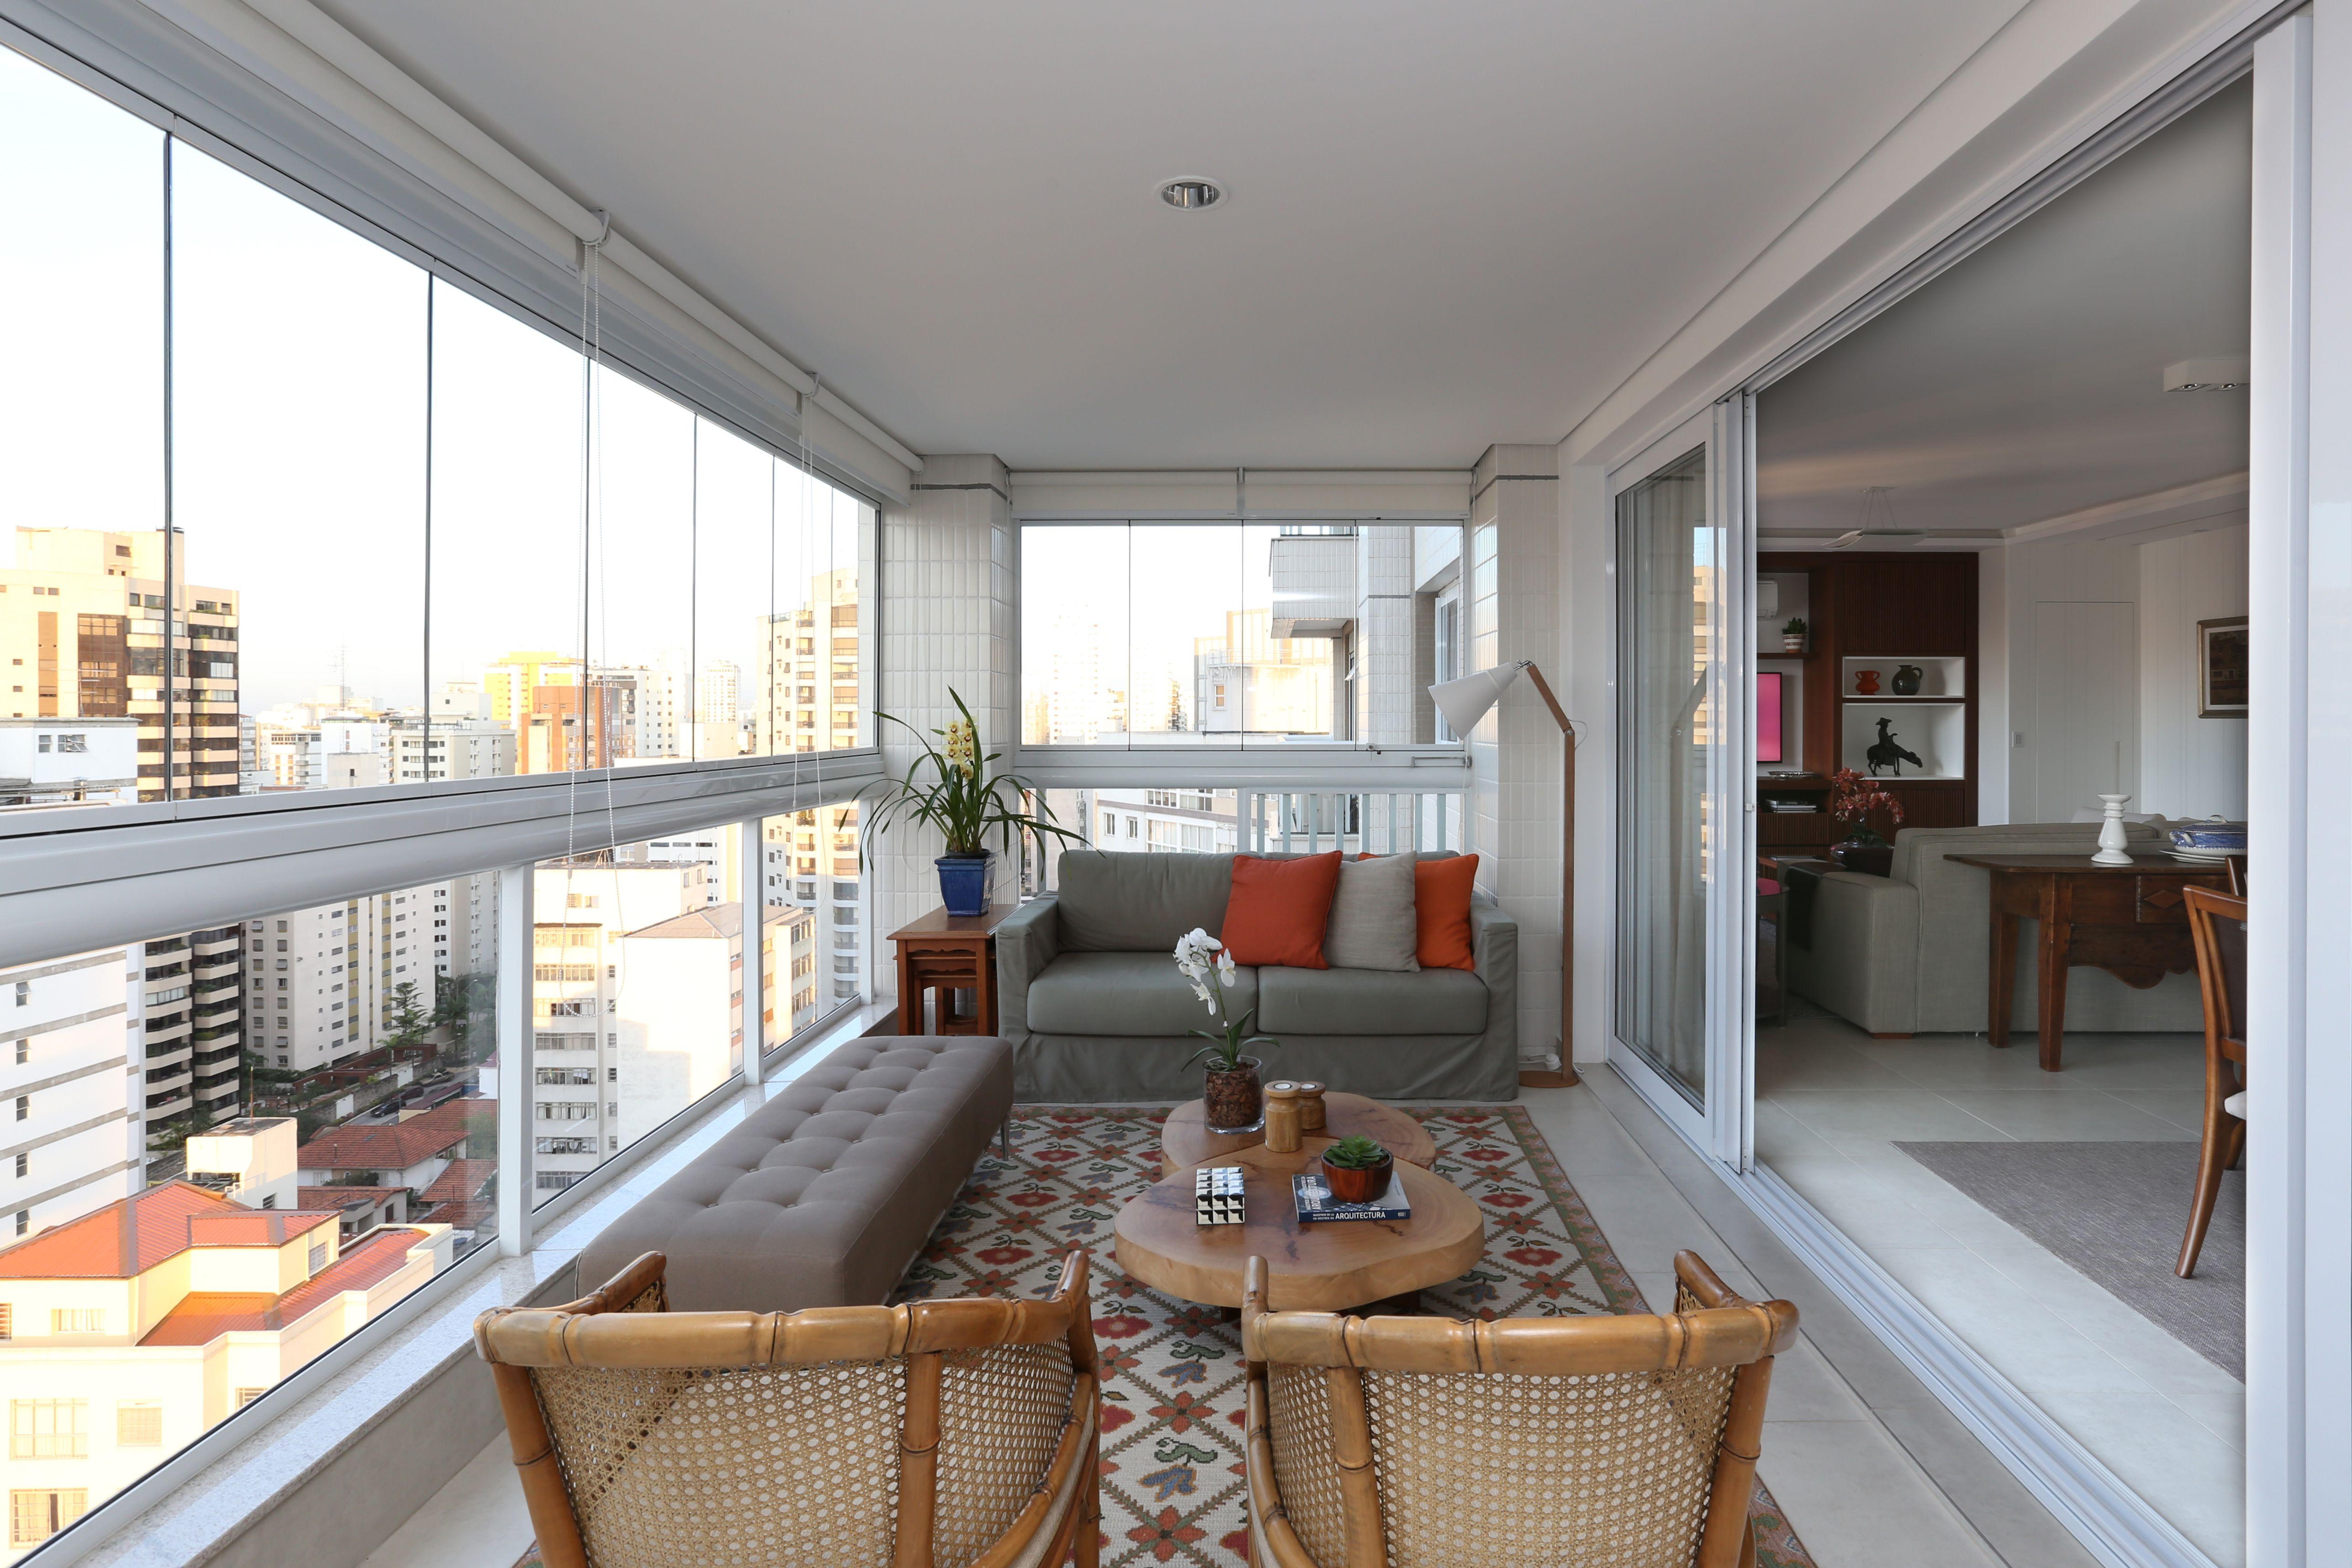 Incroyable #dudasennahomedecor #decor #interiores #interiorstyle #arquitetura  #decoração #homedecor #dicasdedecoração